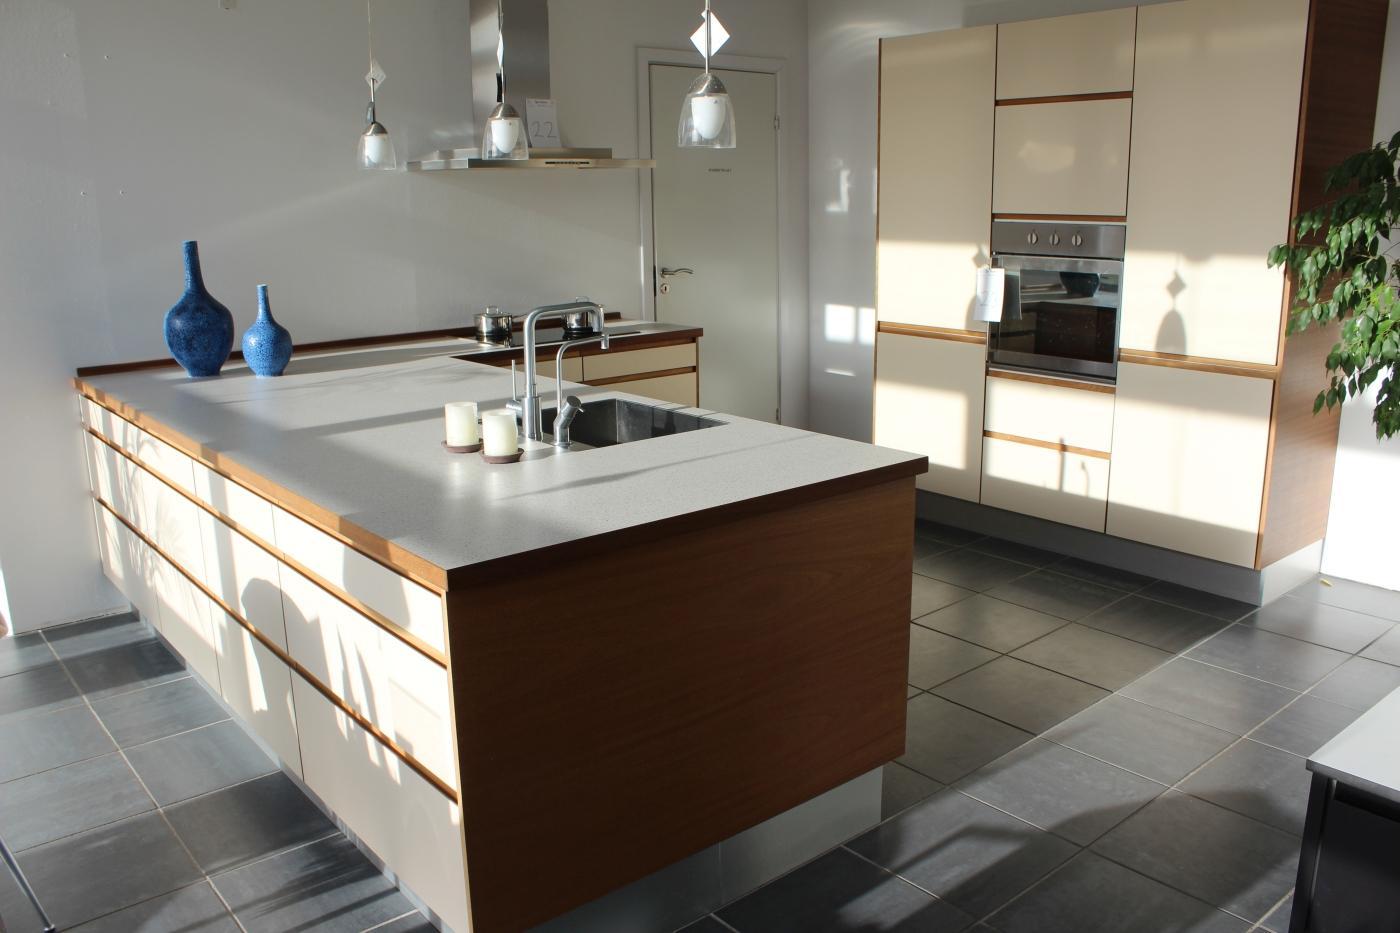 Køkkenmiljø, Køkken, laminatbordplade m/underlimet vask, Blanco bl ...